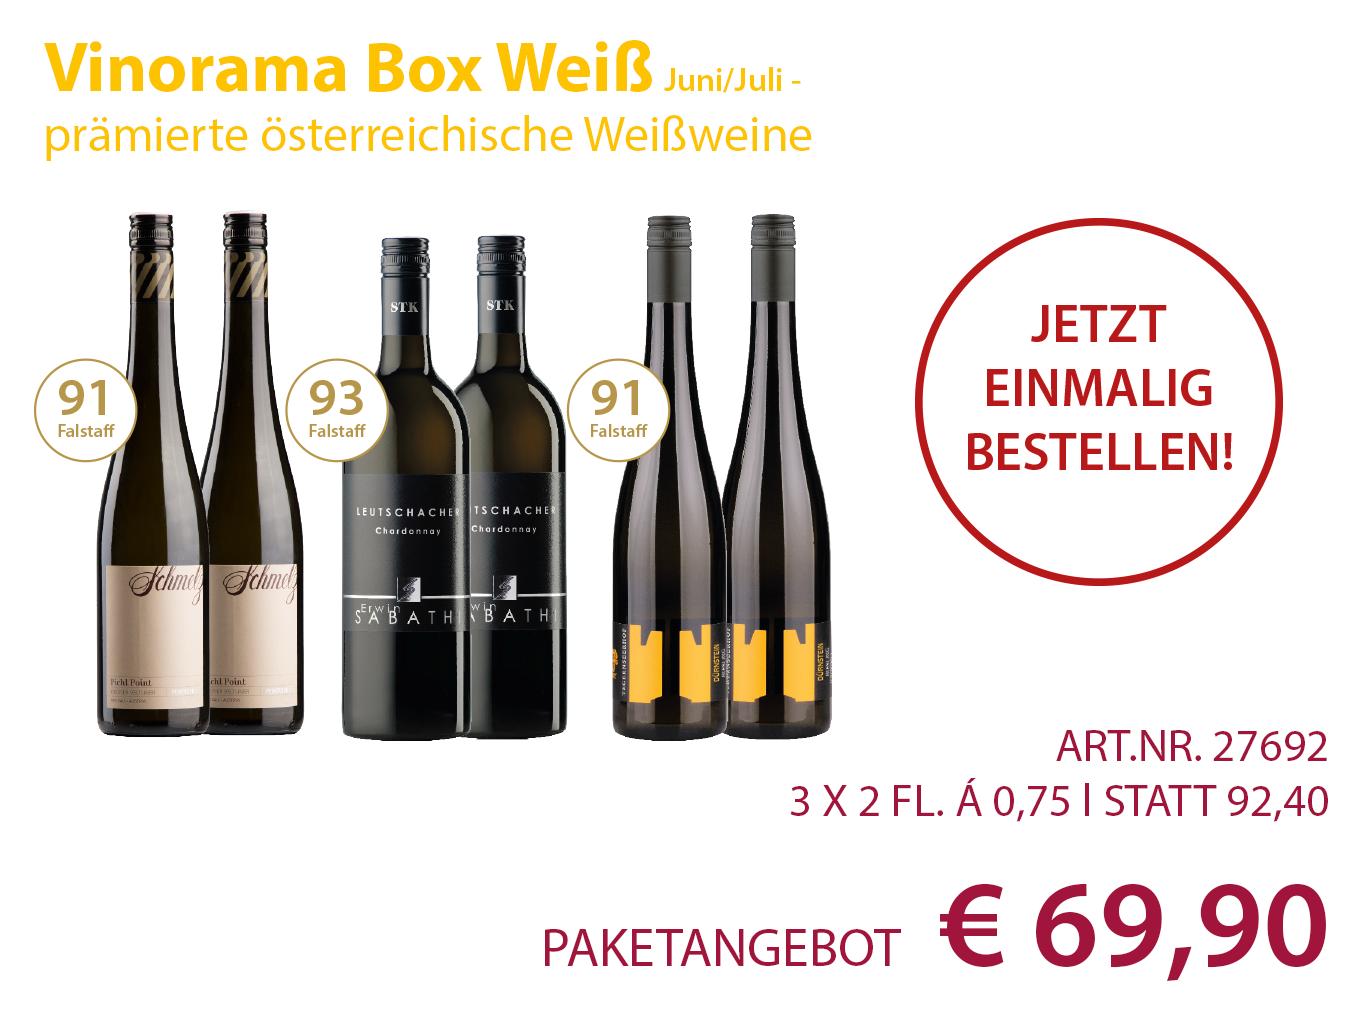 Vinorama Box Weiss einmalig